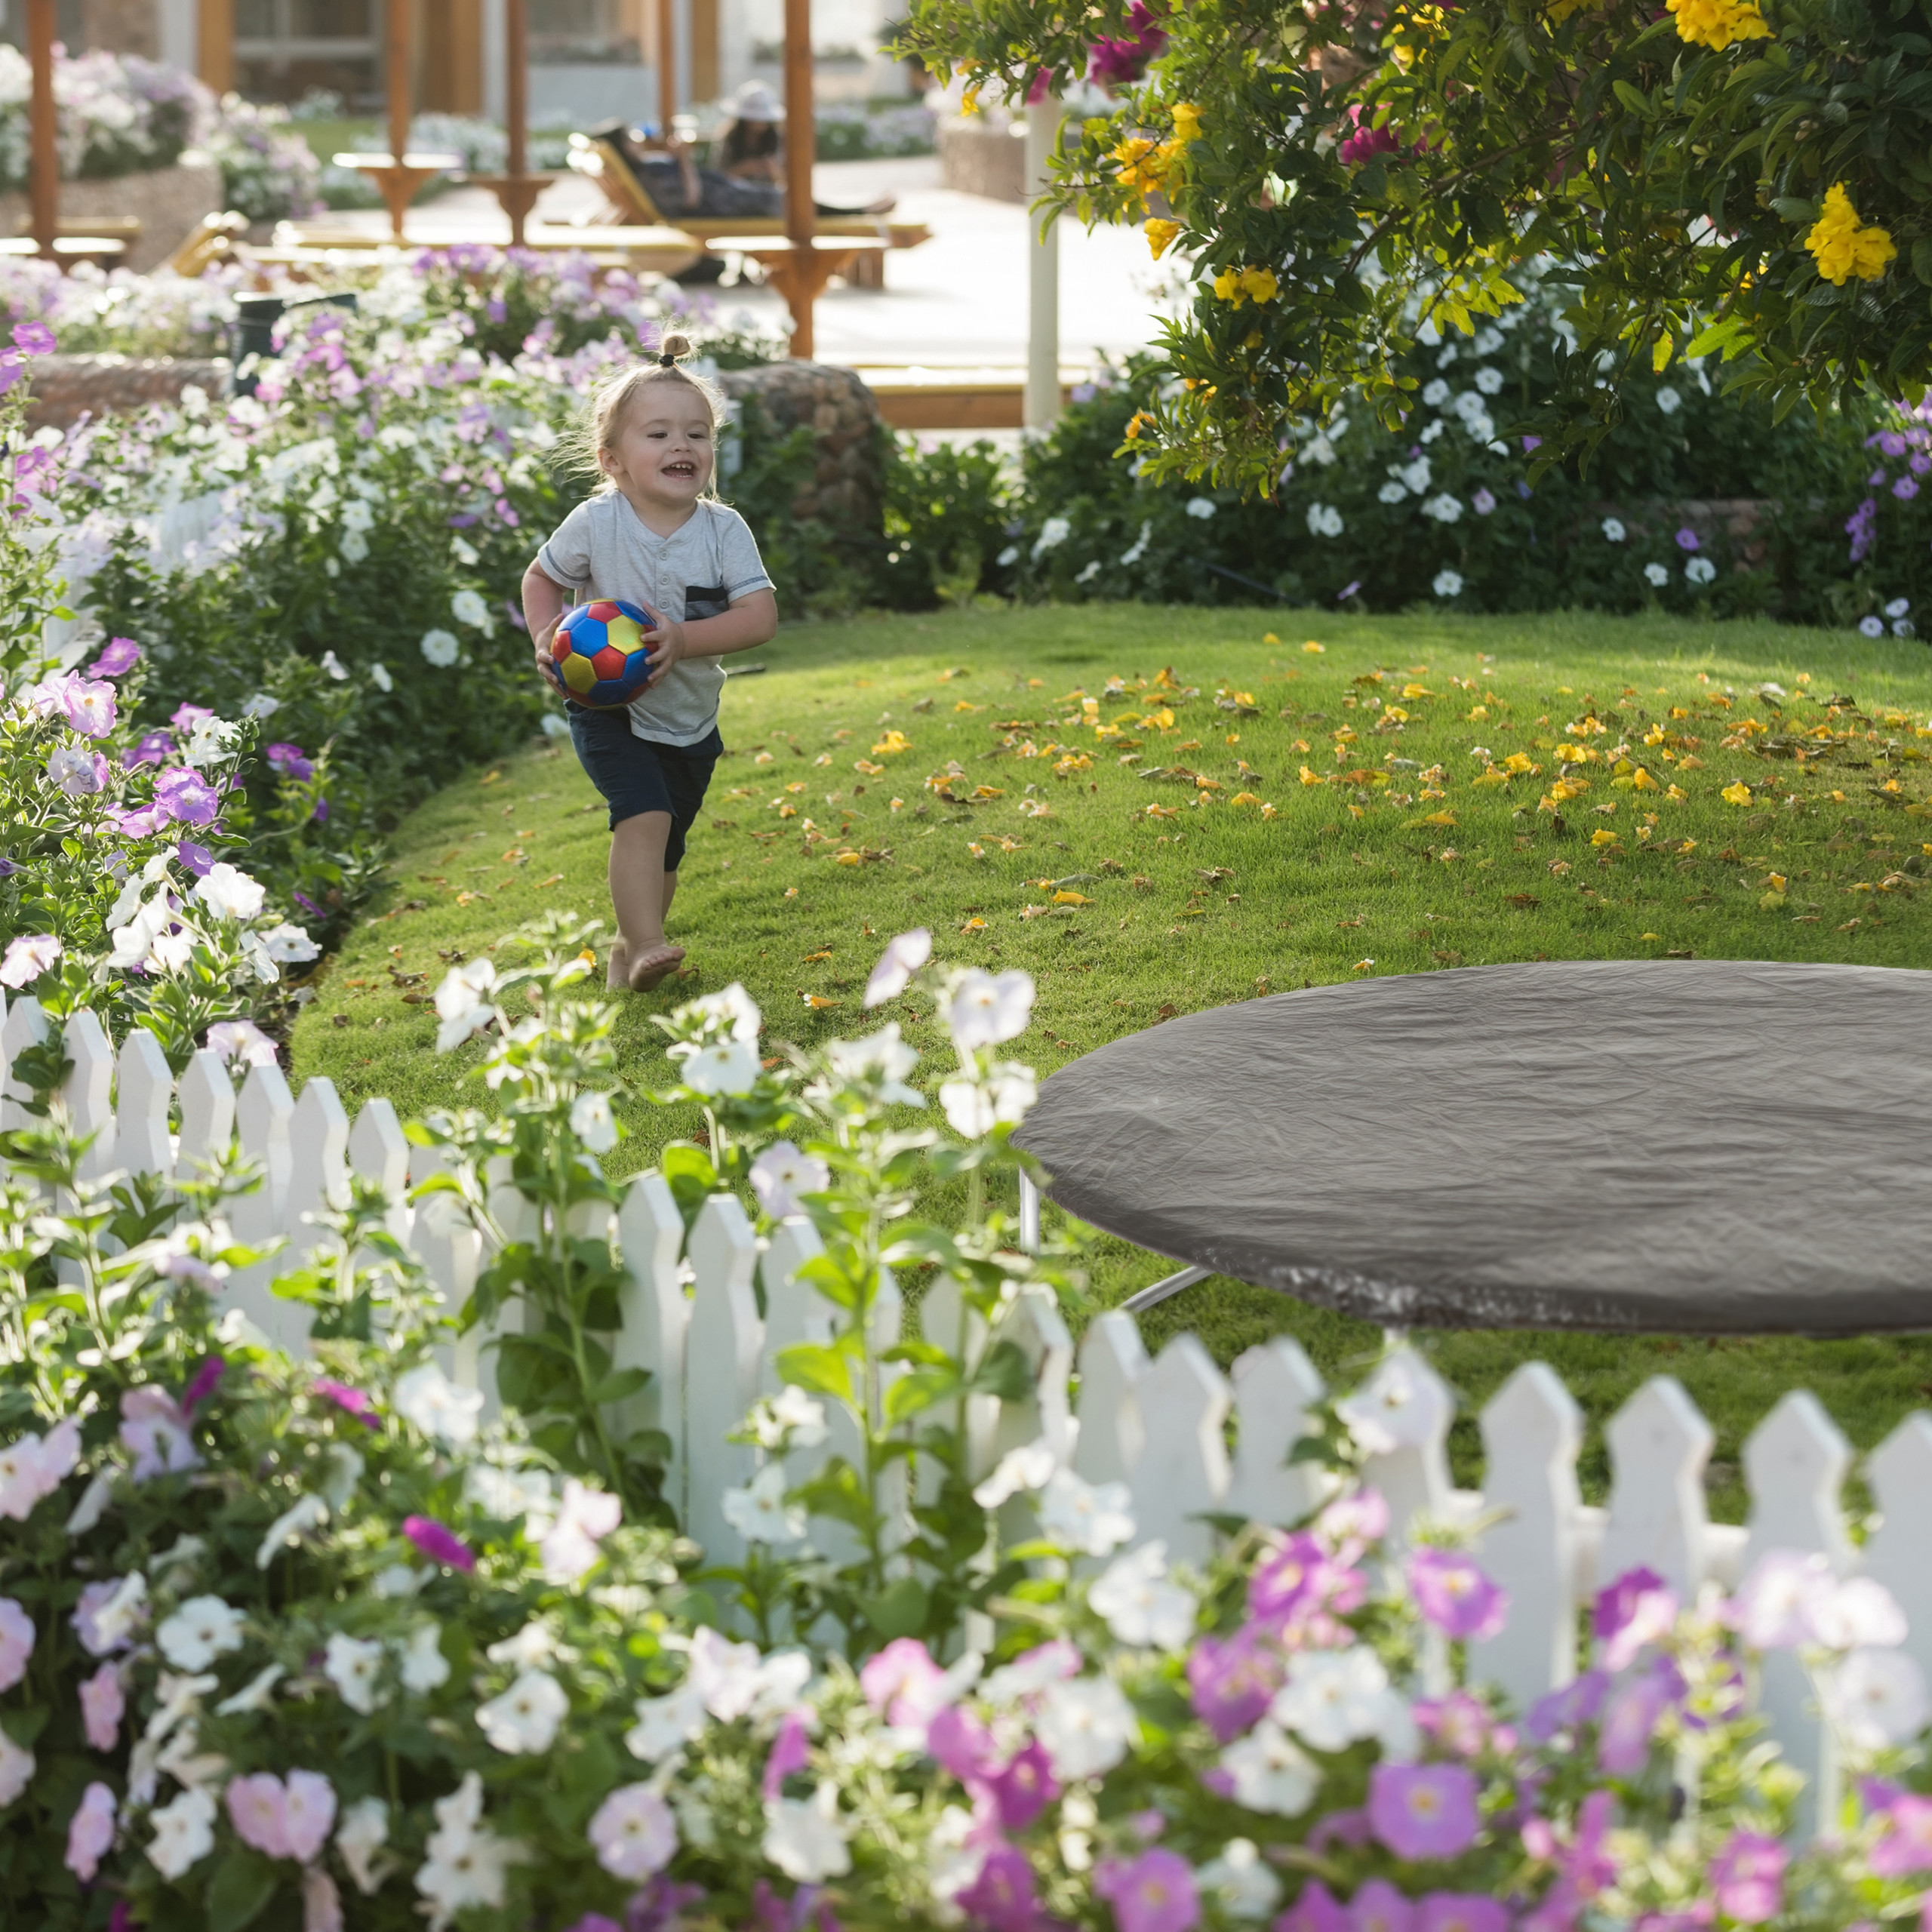 Housse-de-Protection-pour-Trampoline-Bache-pluie-vent-jardin-intemperies miniature 12